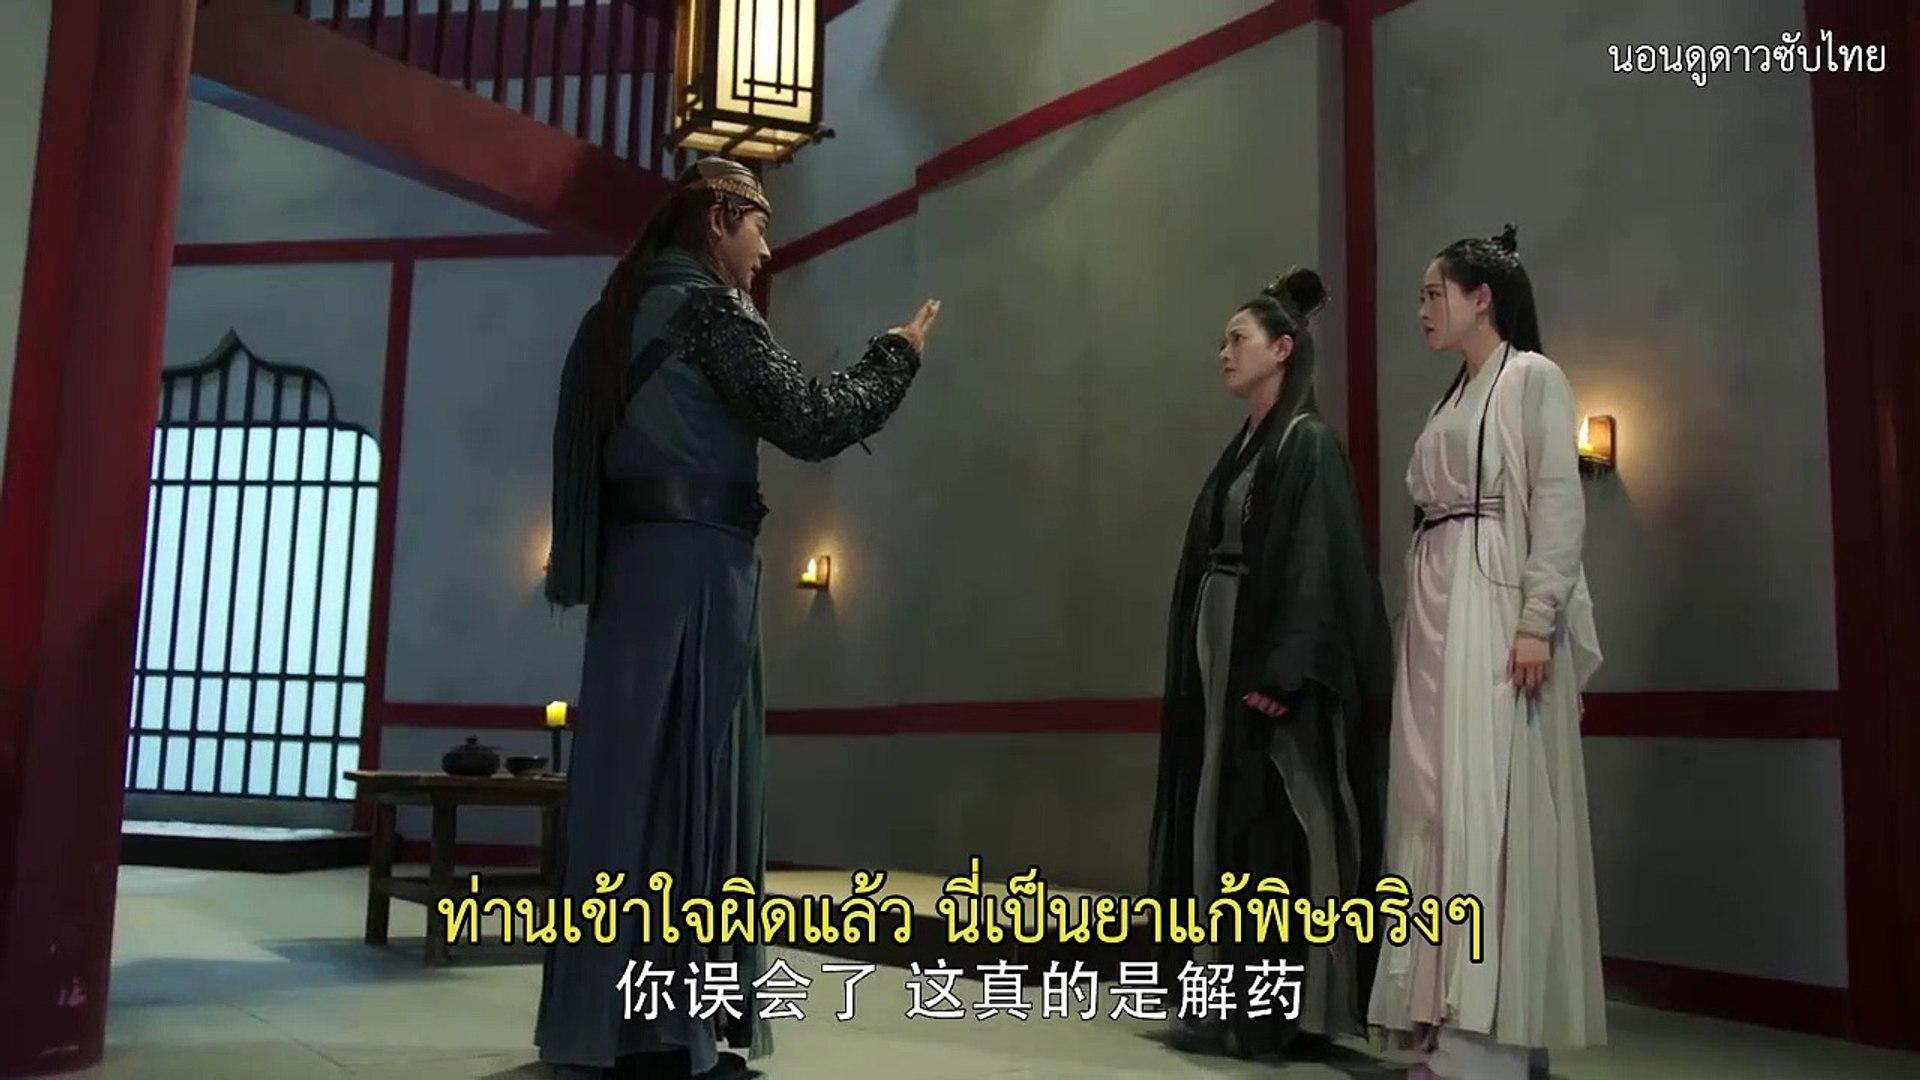 ดาบมังกรหยก2019 ซับไทย ตอนที่ 30